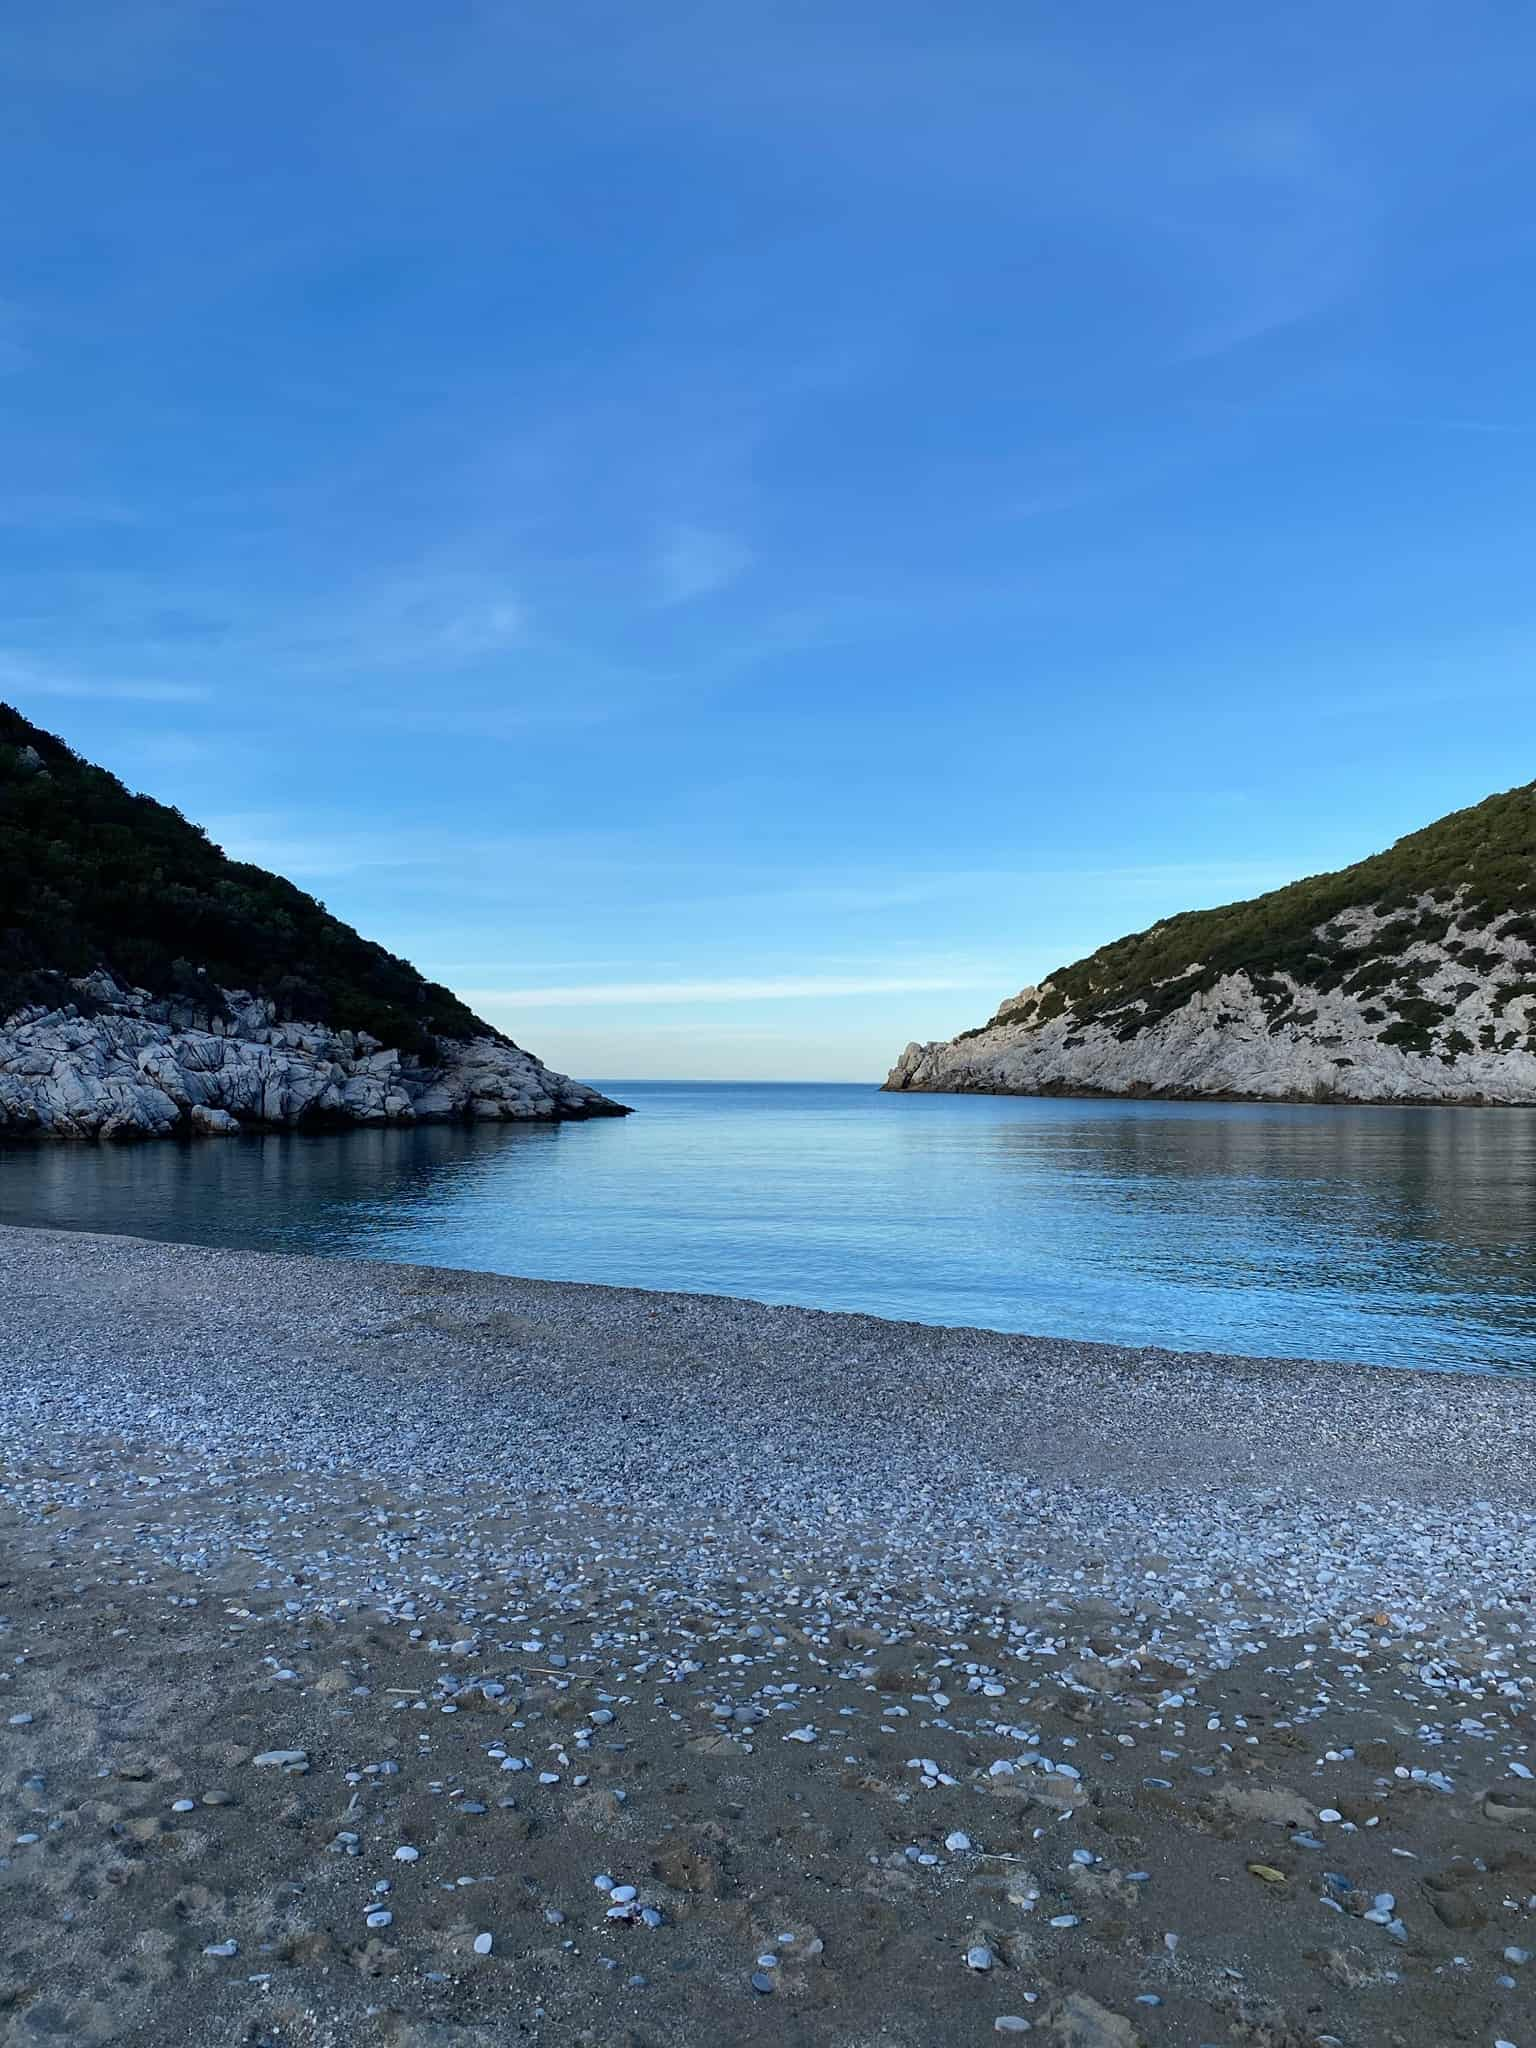 Glysteri beach, Skopelos